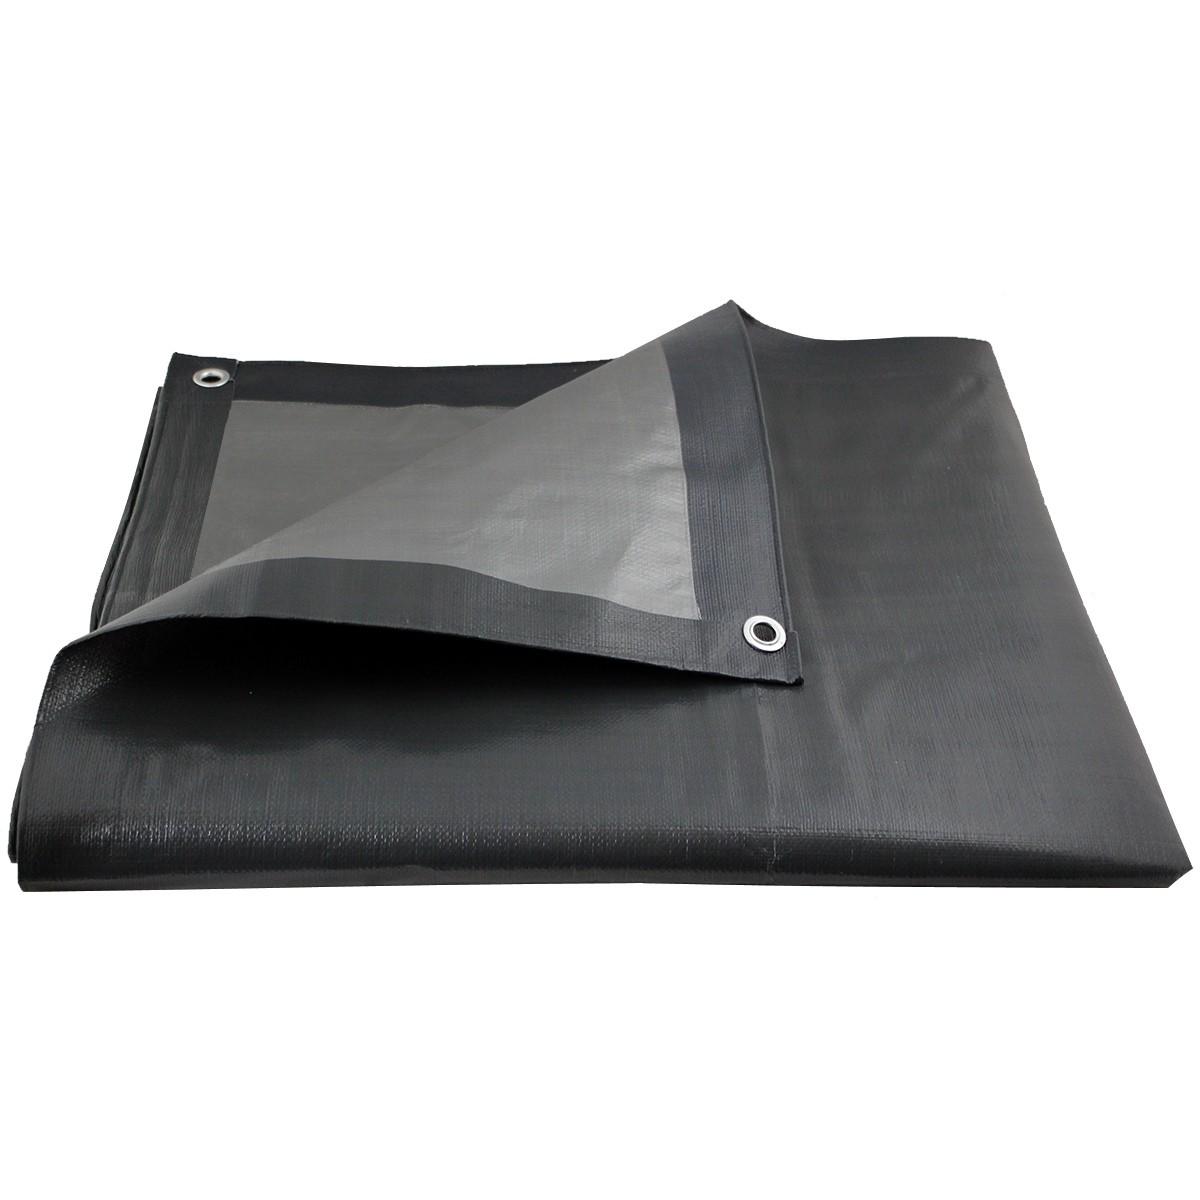 Bâche de protection ultra résistante - 200 g/m² - 3 x 5 mètres